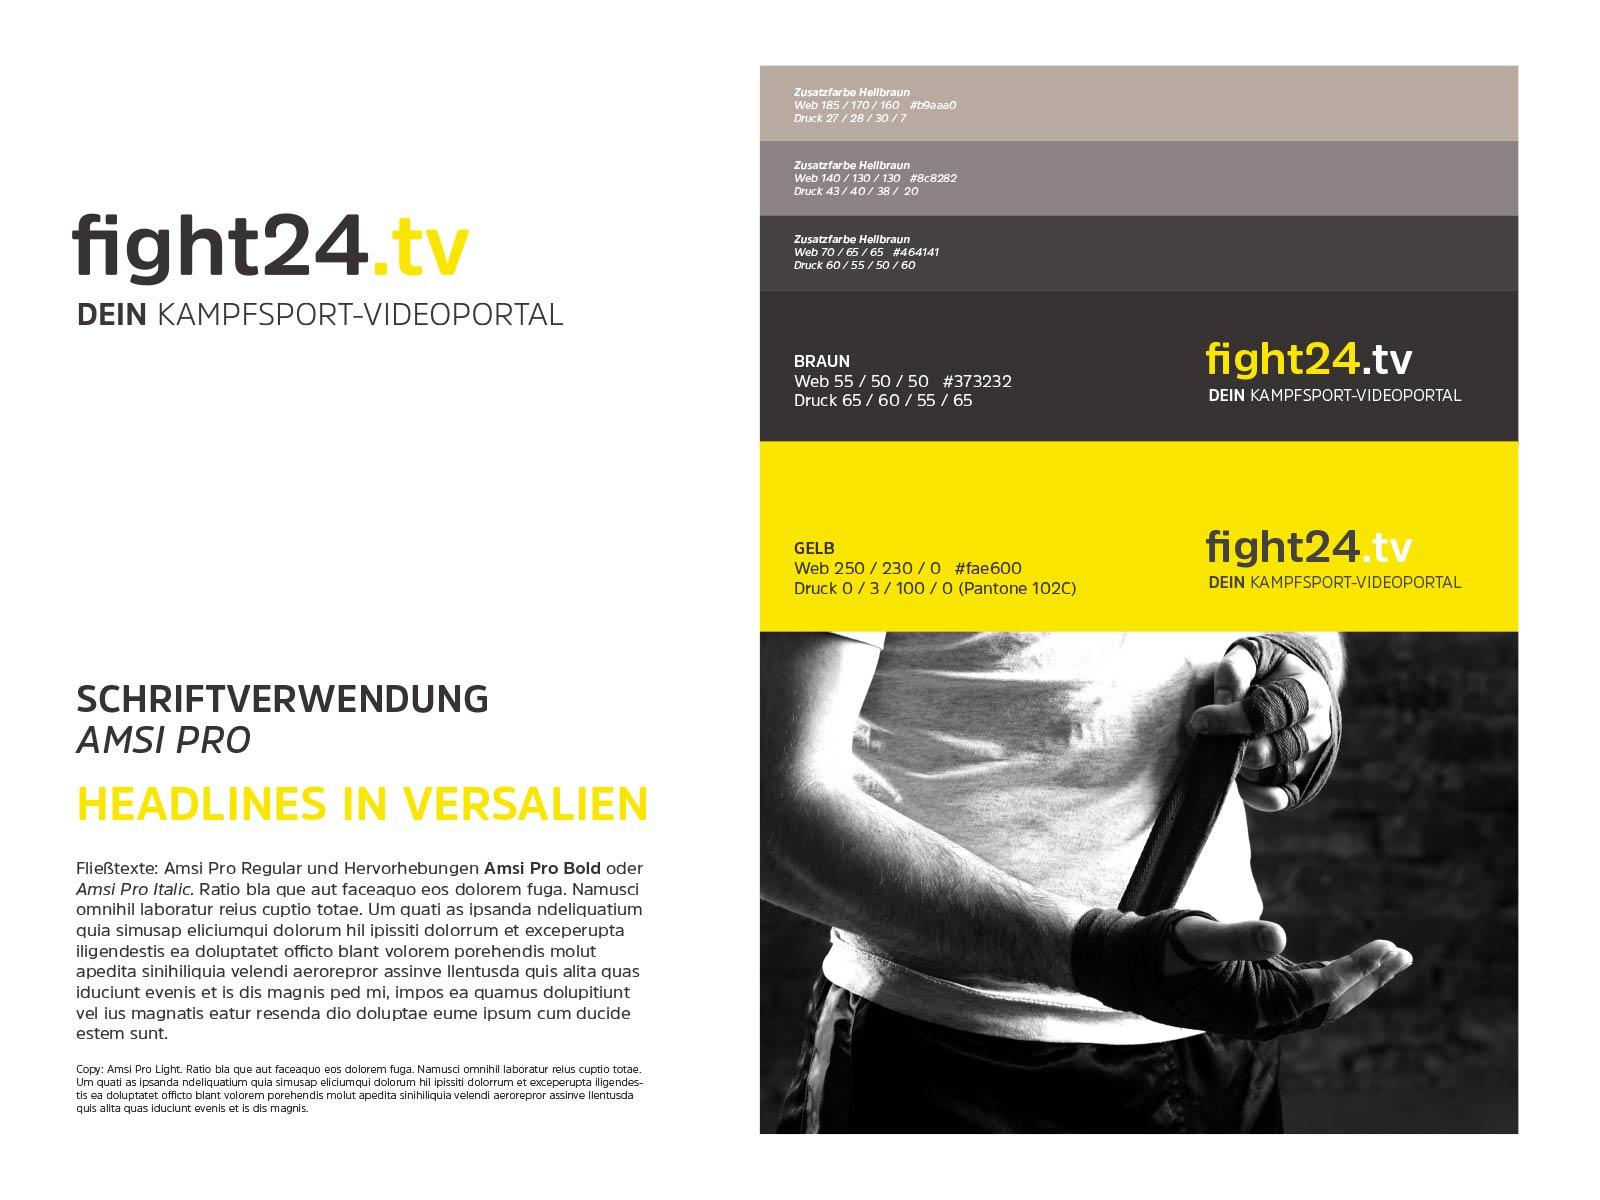 kathrin krasselt, mediendesign, grafik, grafiker, leipzig, werbung, webdesign, logo, corporate, design, fight24